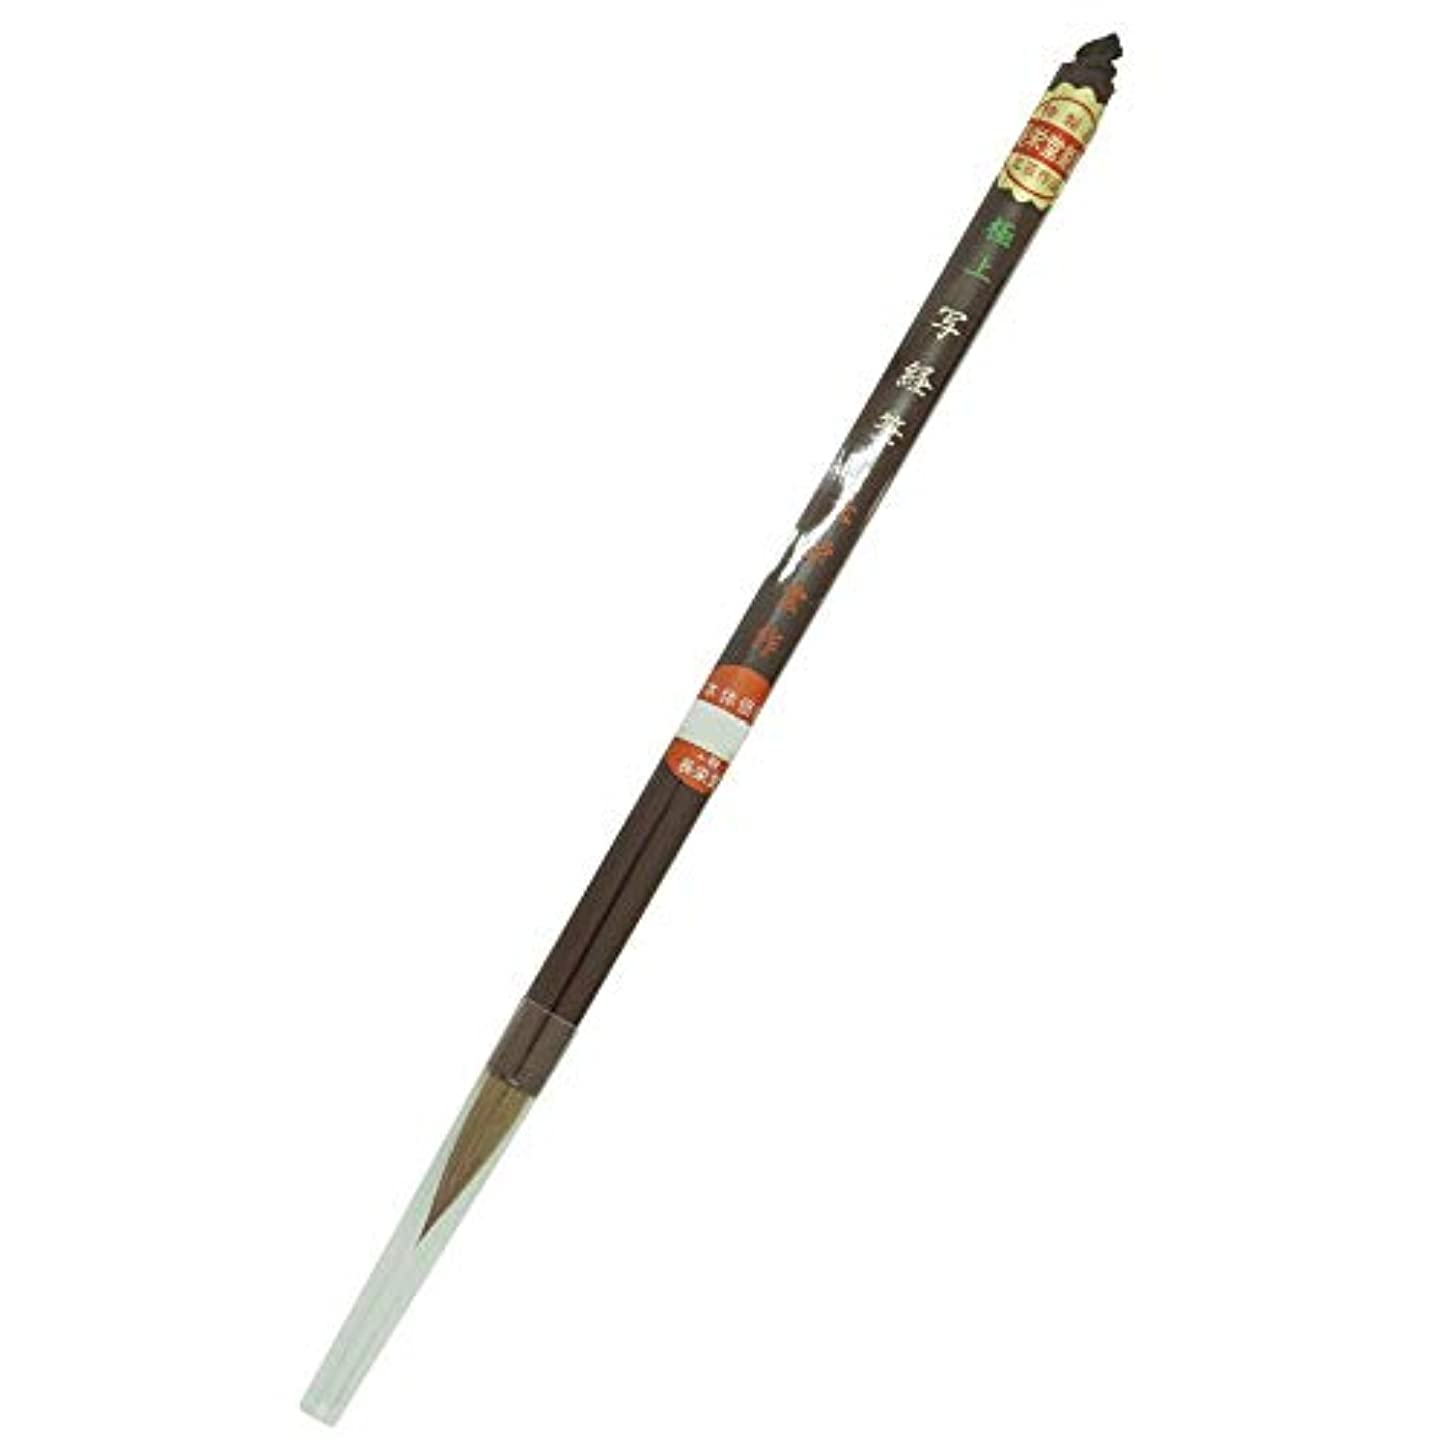 早める数学者改修する長栄堂自慢の毛筆です。 長栄堂 細筆 極上 写経筆 イタチ毛 10860 〈簡易梱包